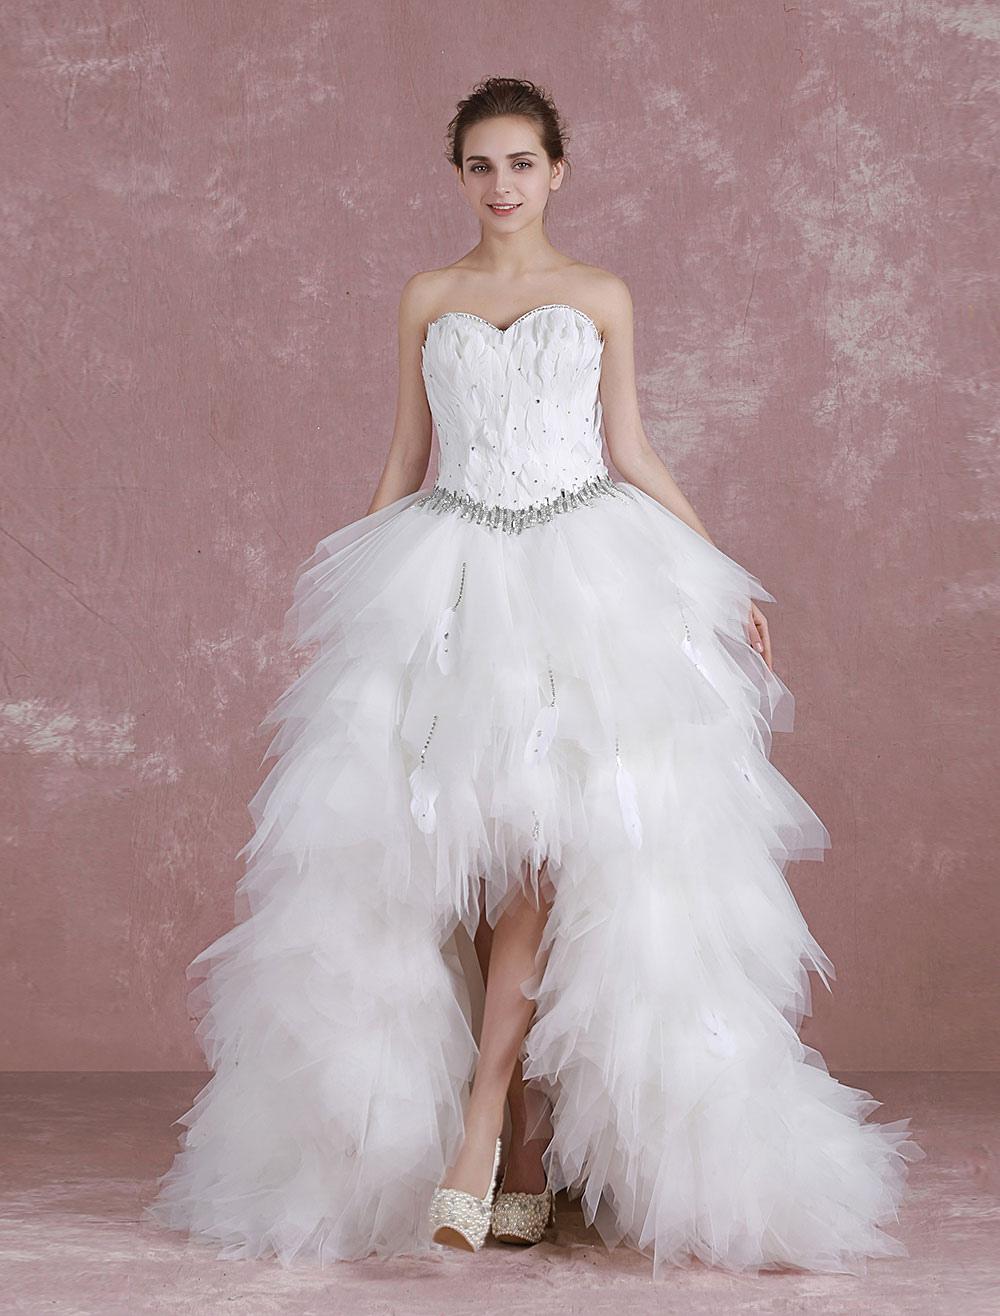 Prom-Brautkleid mit Herz-Ausschnitt und Federn in Weiß - Milanoo.com